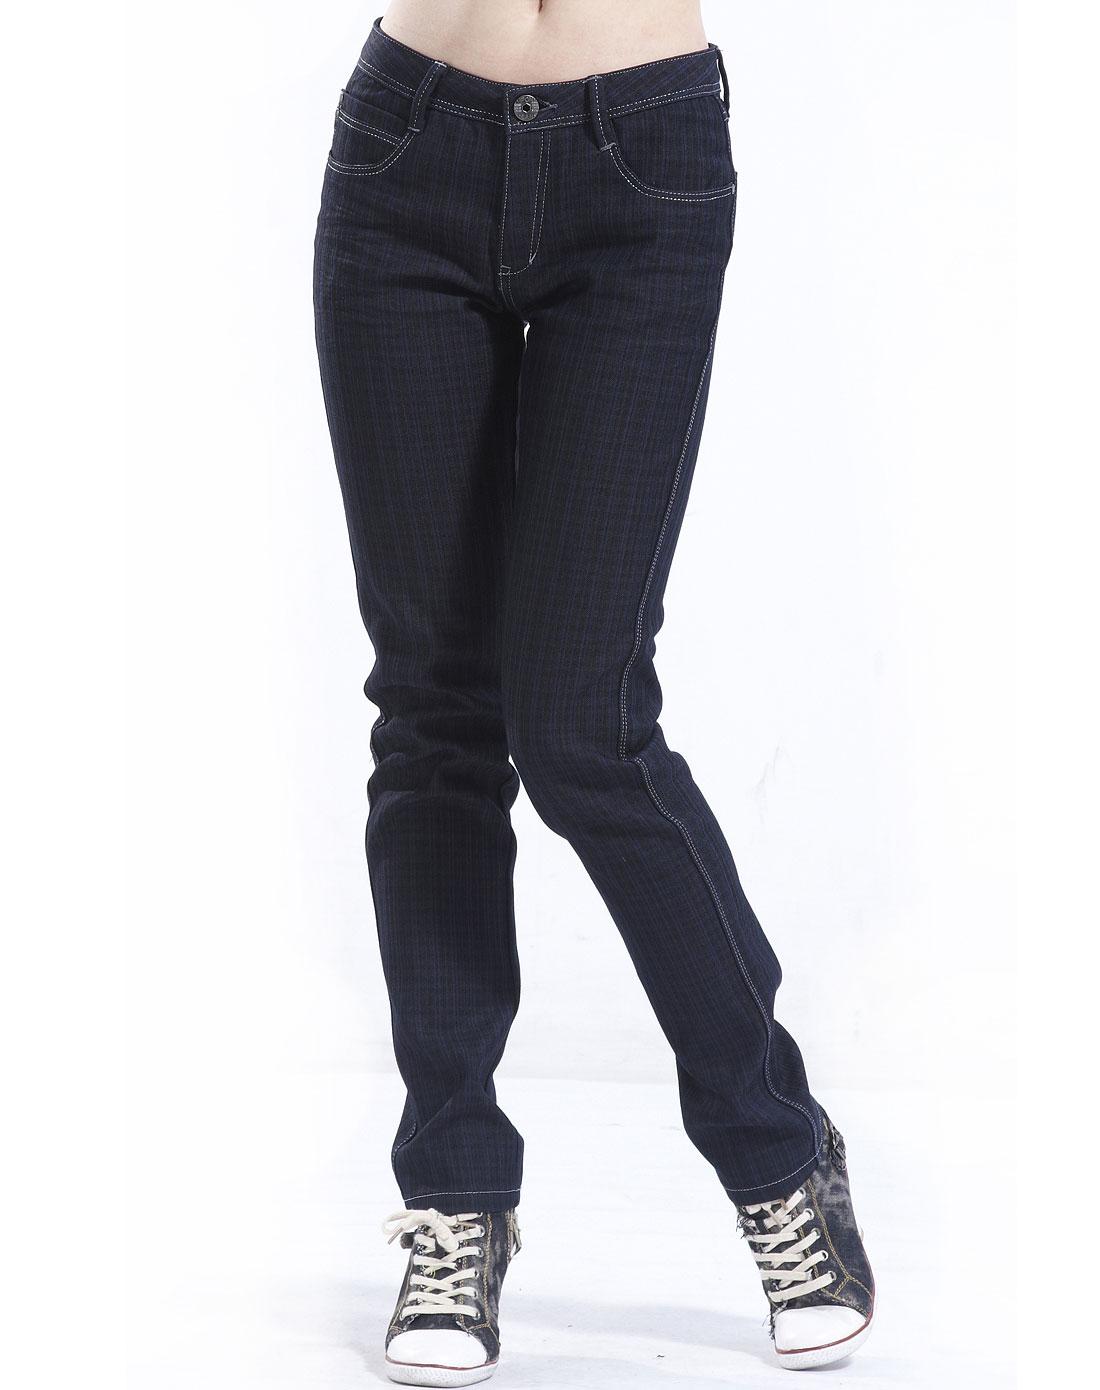 旗牌王kipone 女款黑色牛仔裤